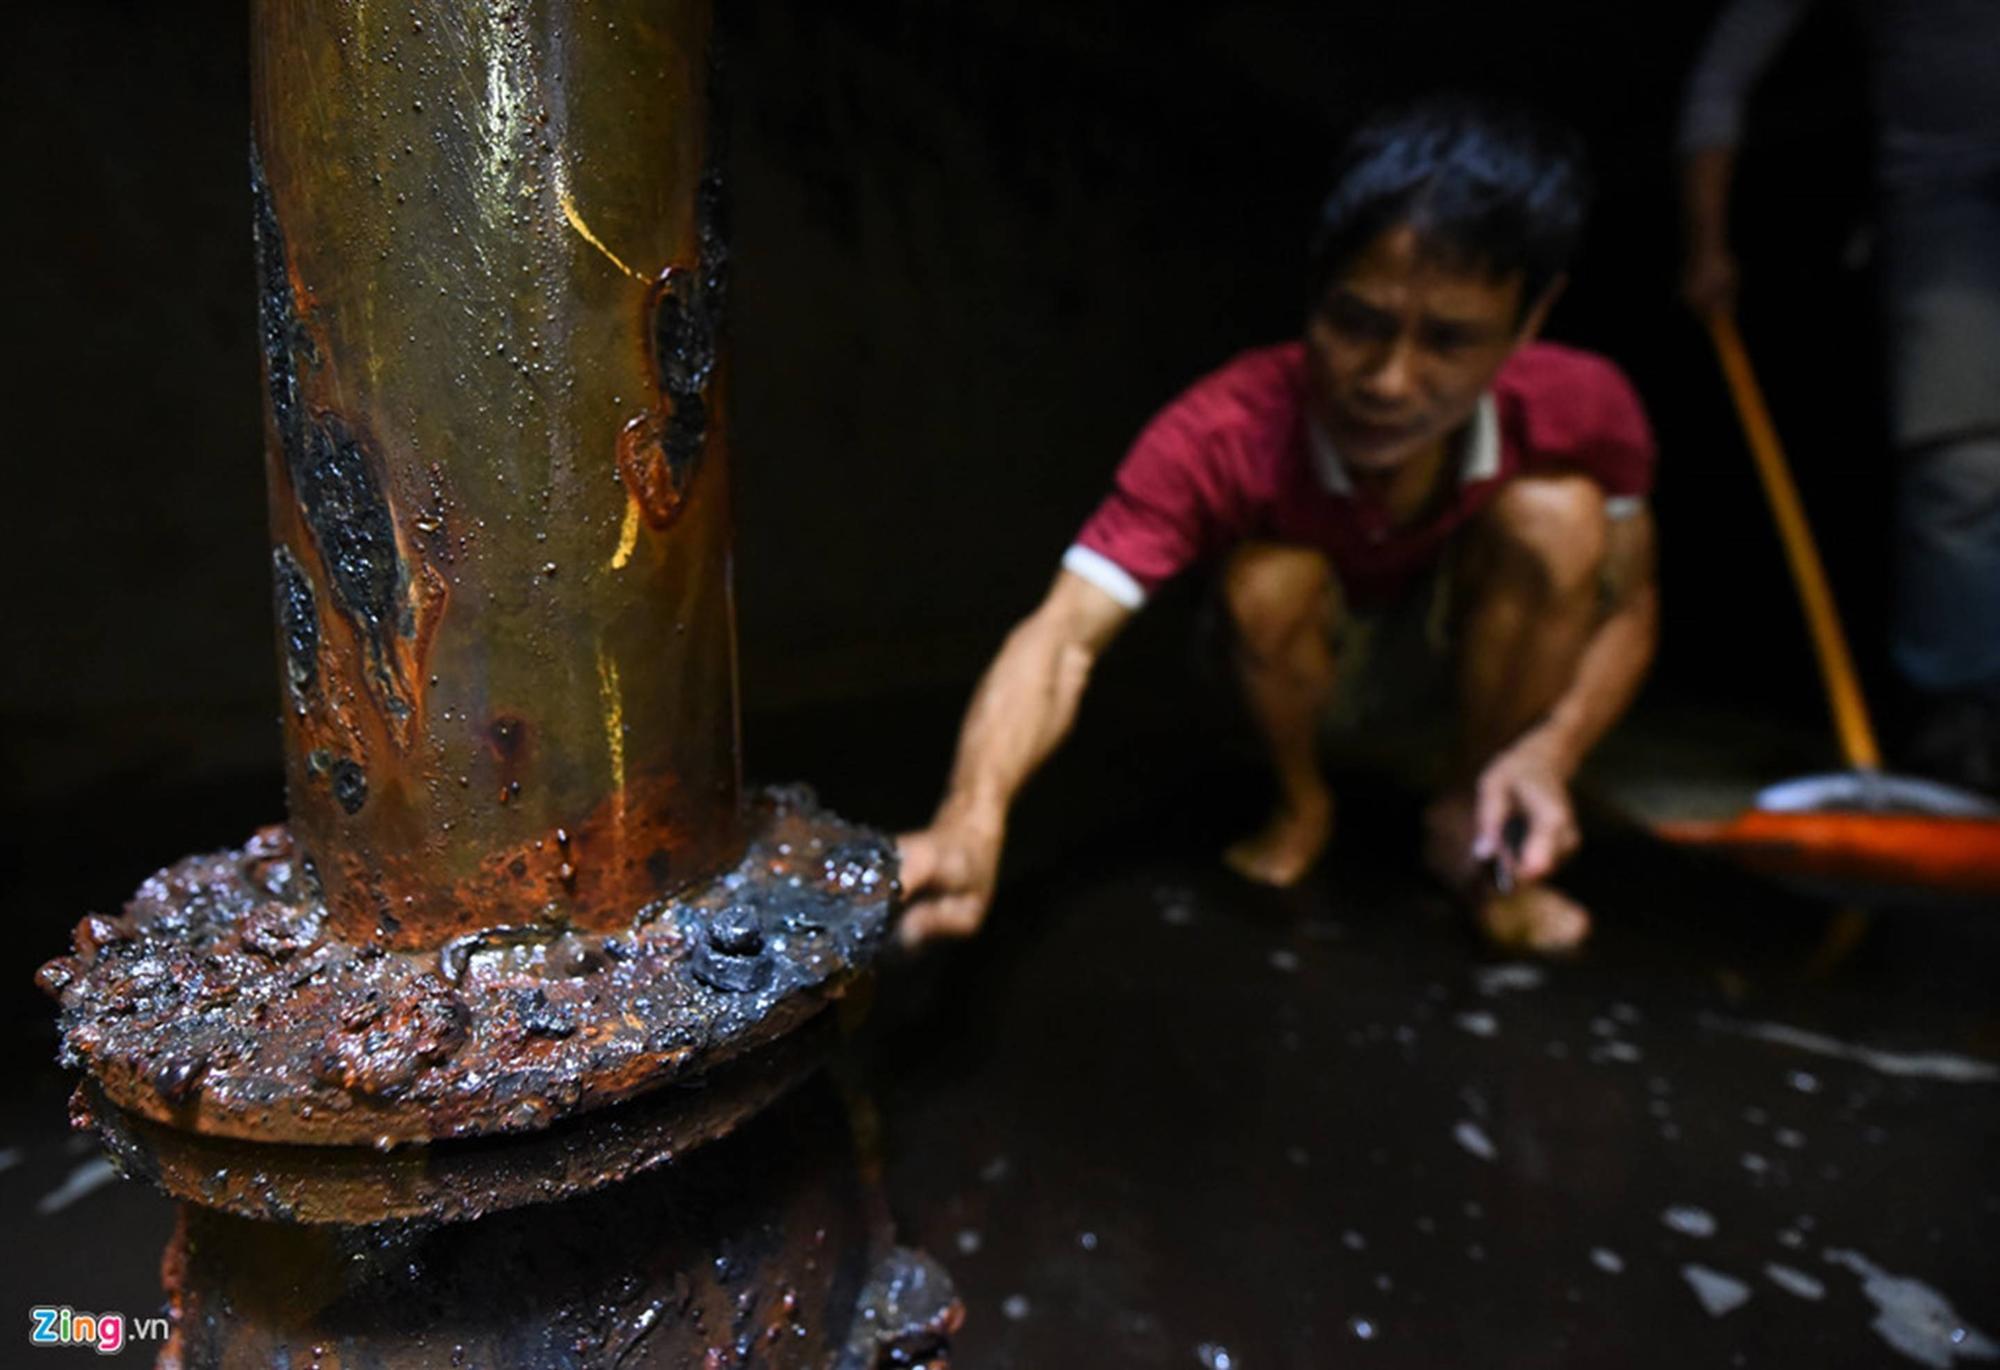 Nước đen kịt, mùi dầu nồng nặc khi thau rửa bể chung cư Hà Nội-4